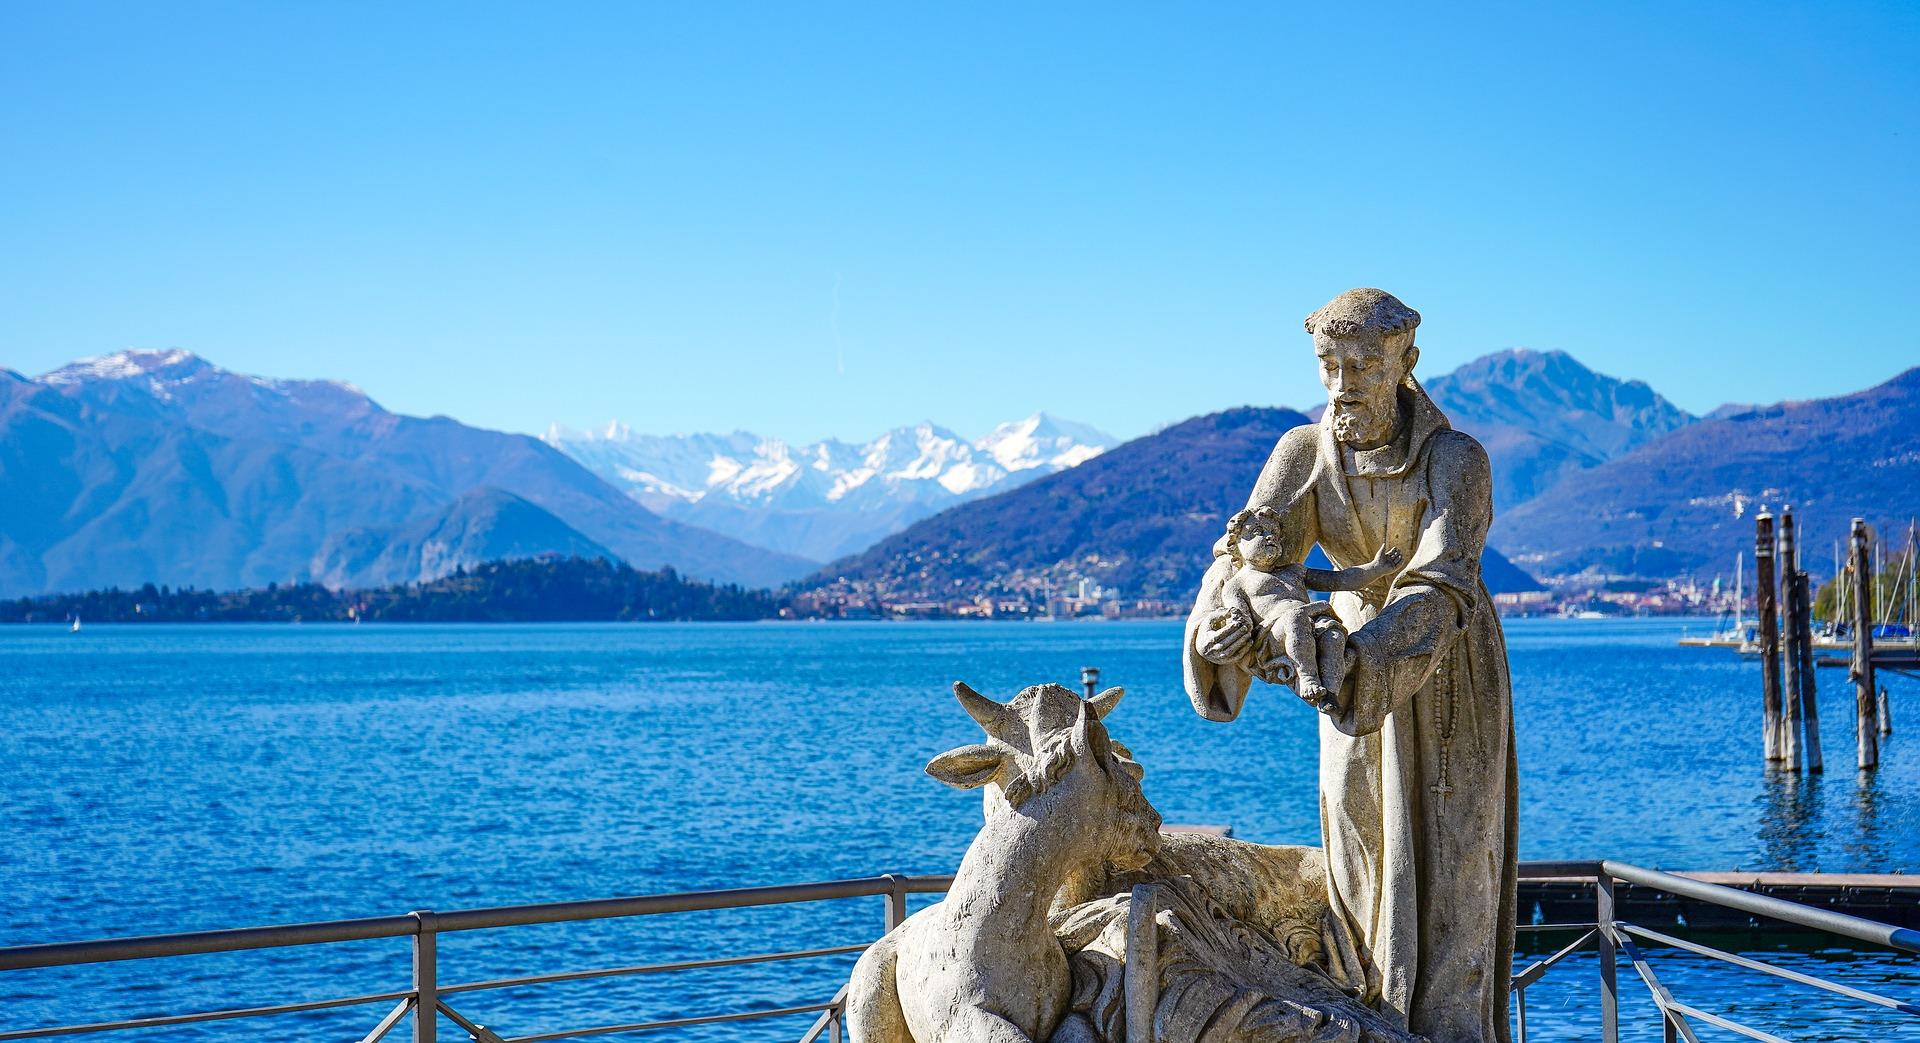 Statue Frans av Assisi med julekrybbe holder jesus barnet.